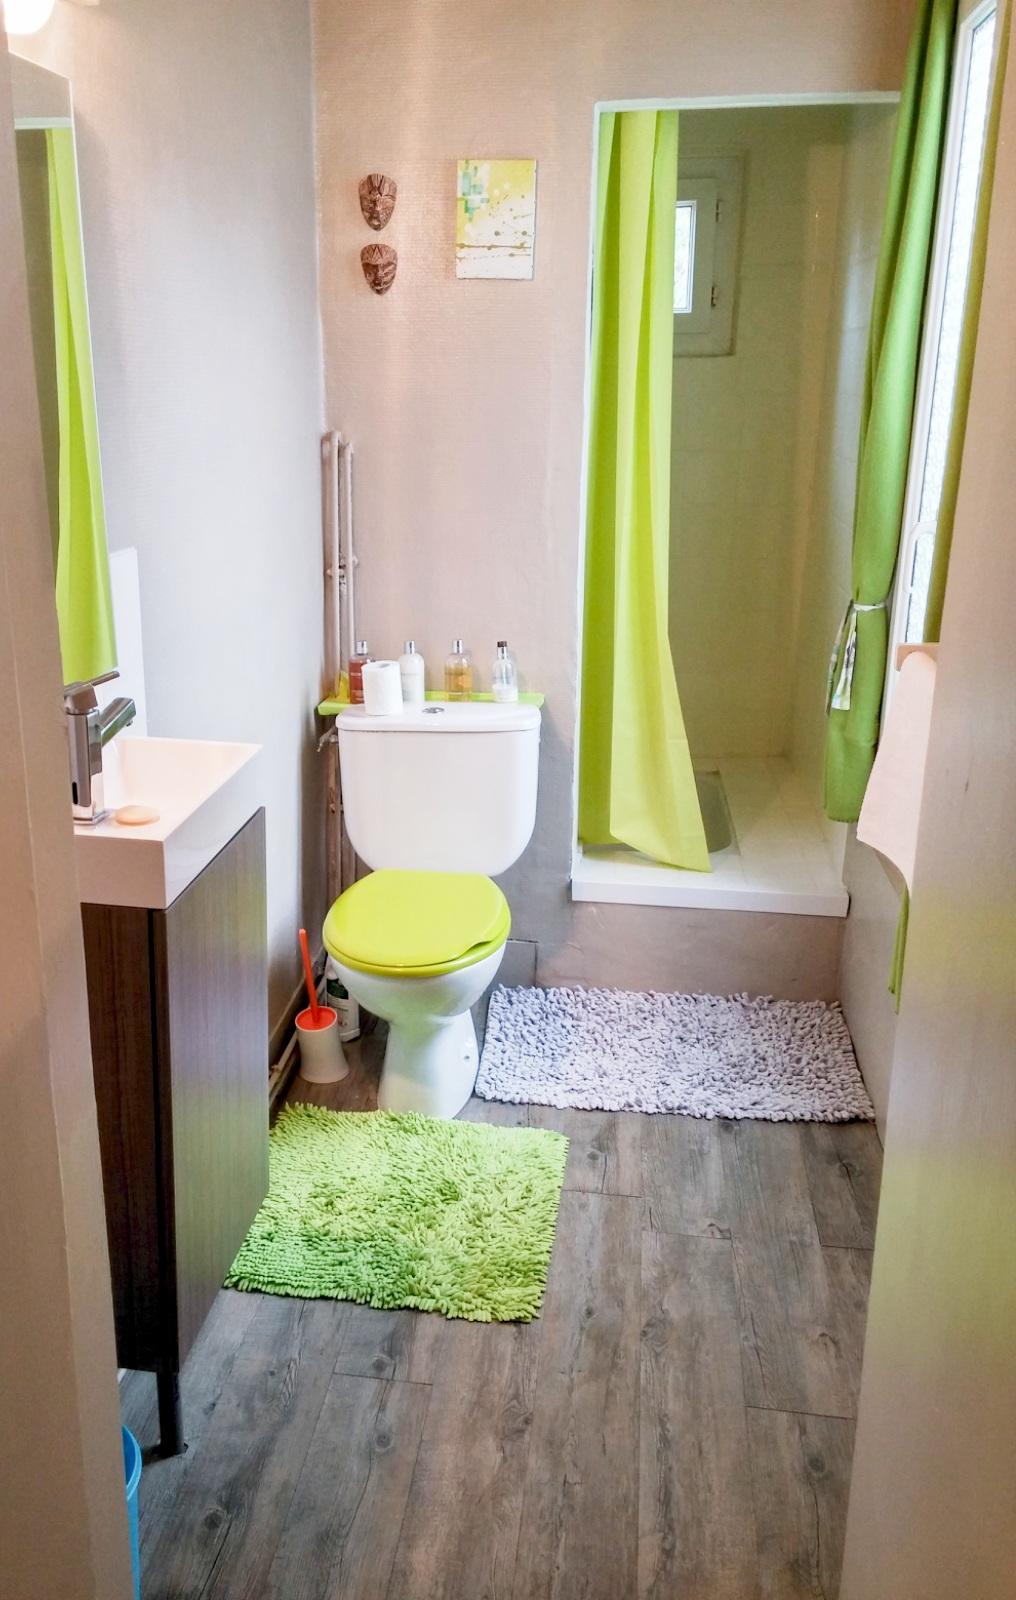 salle d eau 5m2 photo deco salle de bain m salle de bain m with salle d eau 5m2 quel prix faut. Black Bedroom Furniture Sets. Home Design Ideas